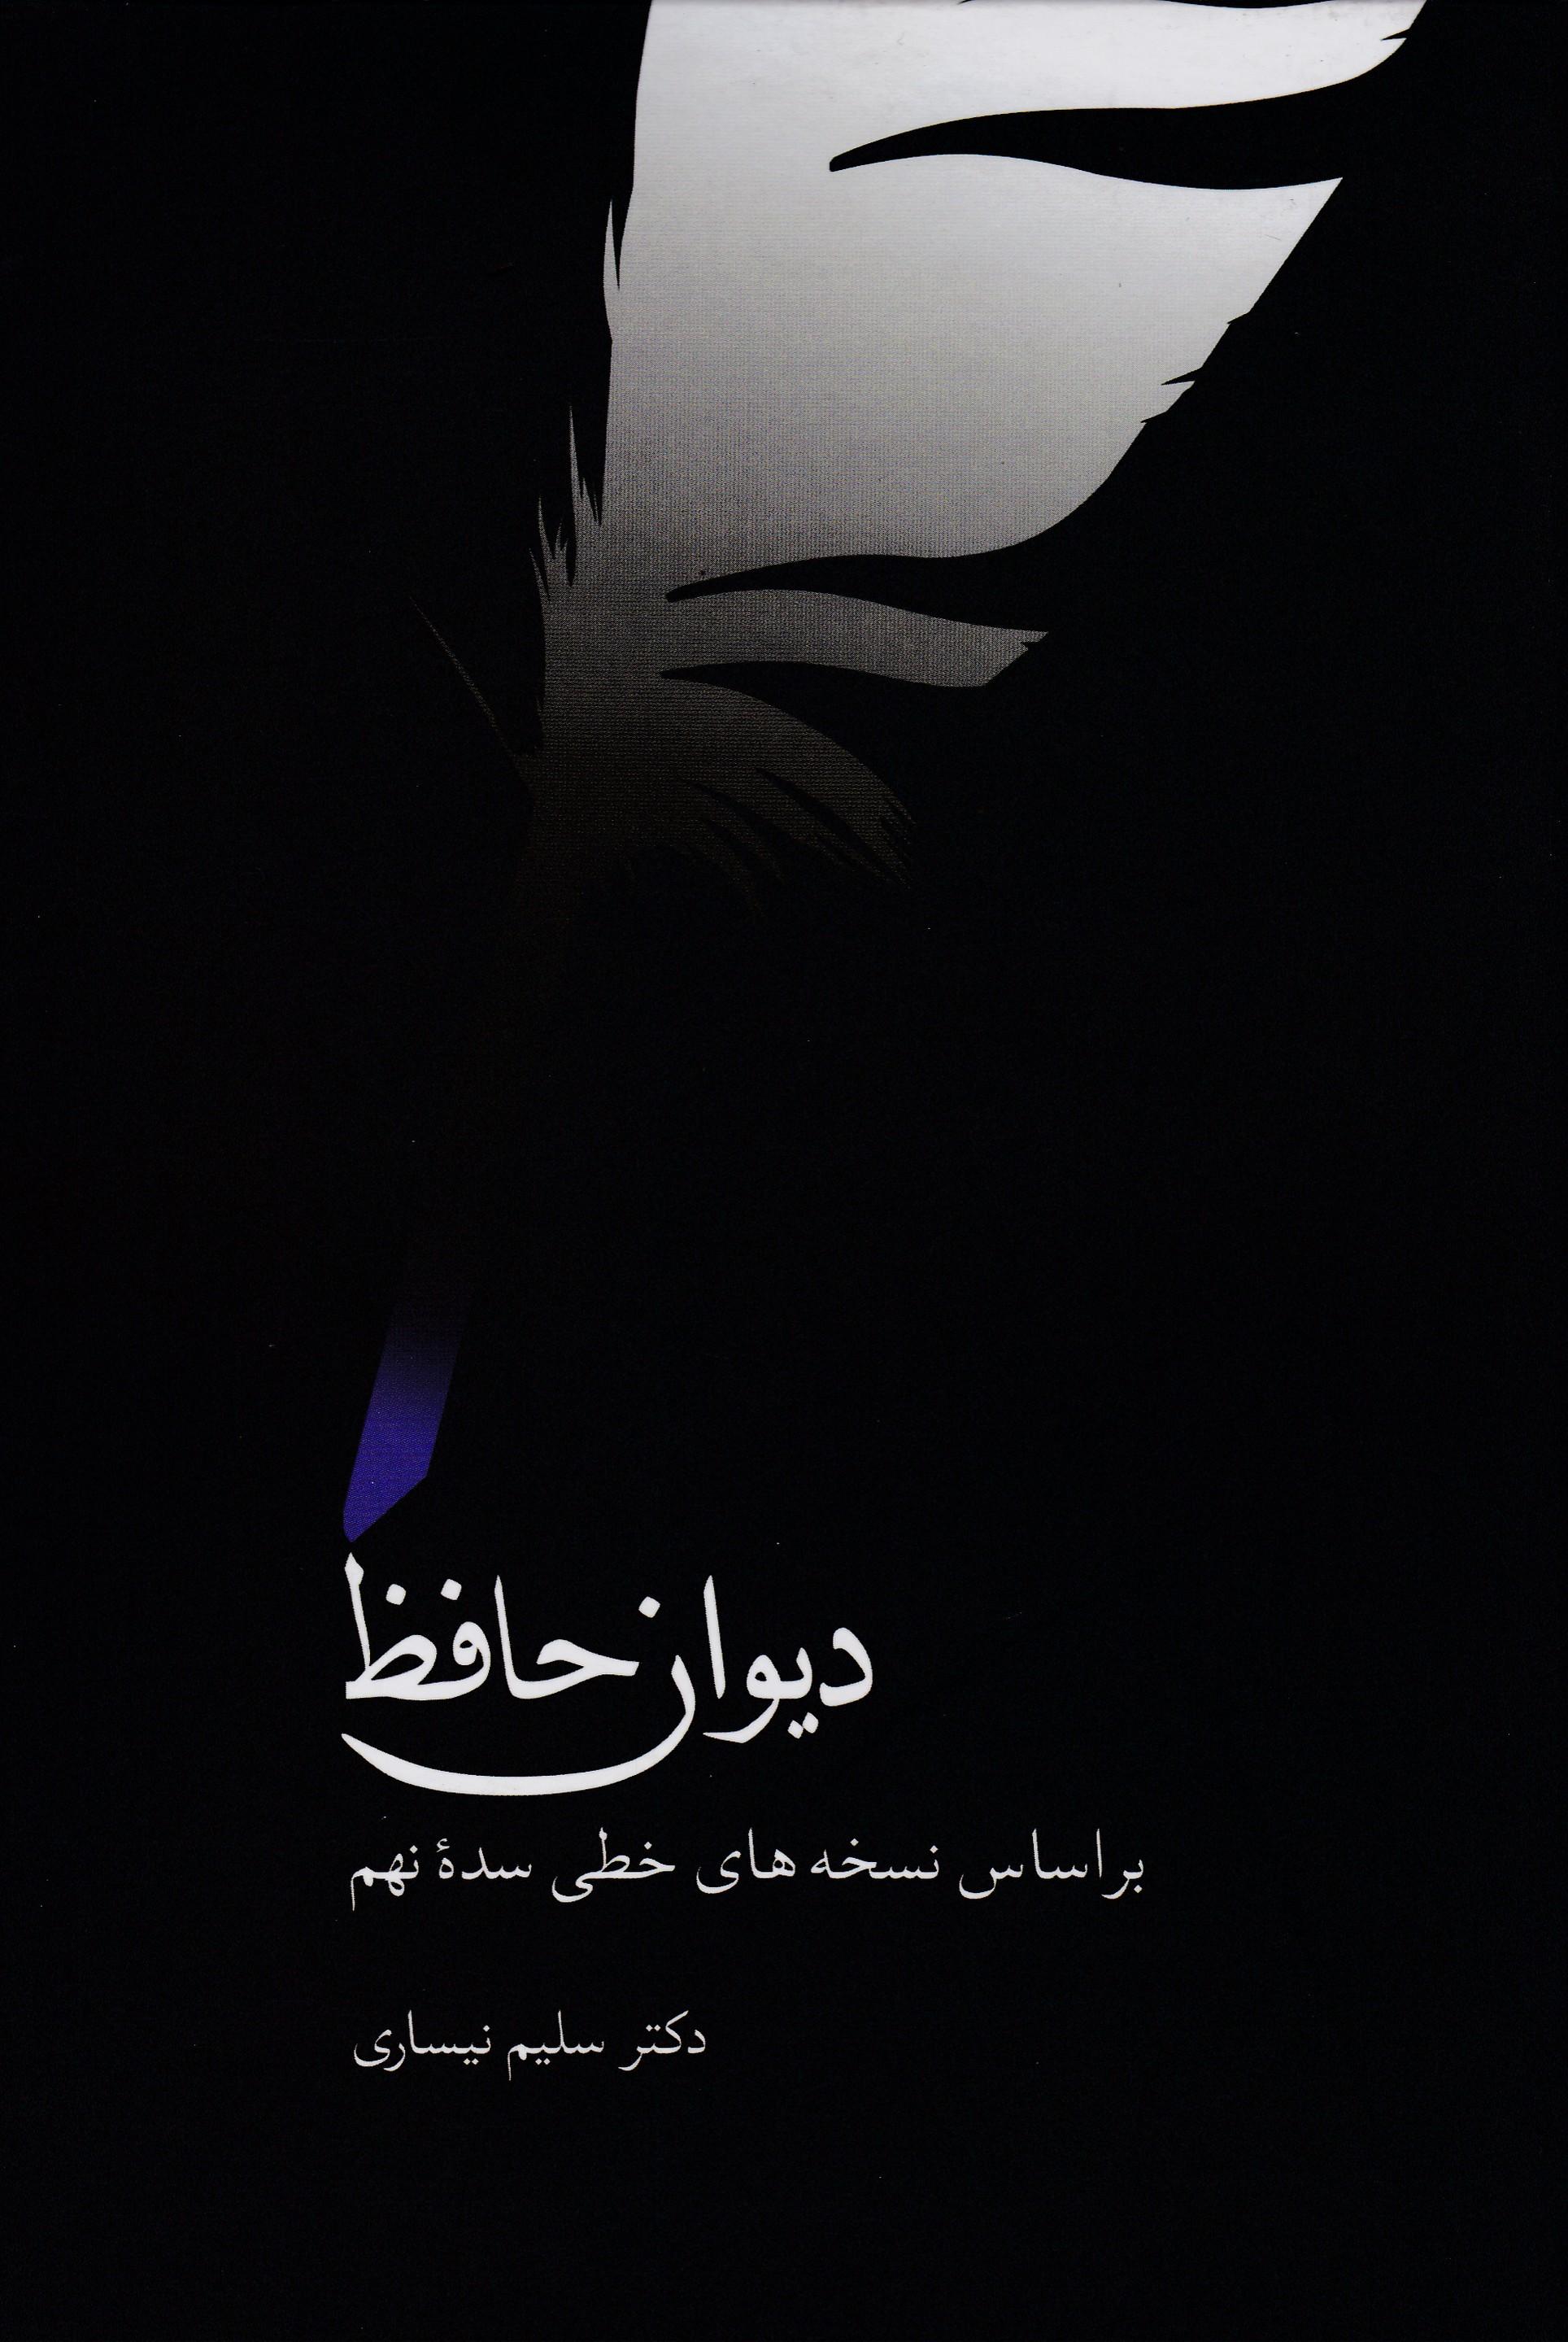 دیوان حافظ ( بر اساس نسخه های خطی سده نهم)